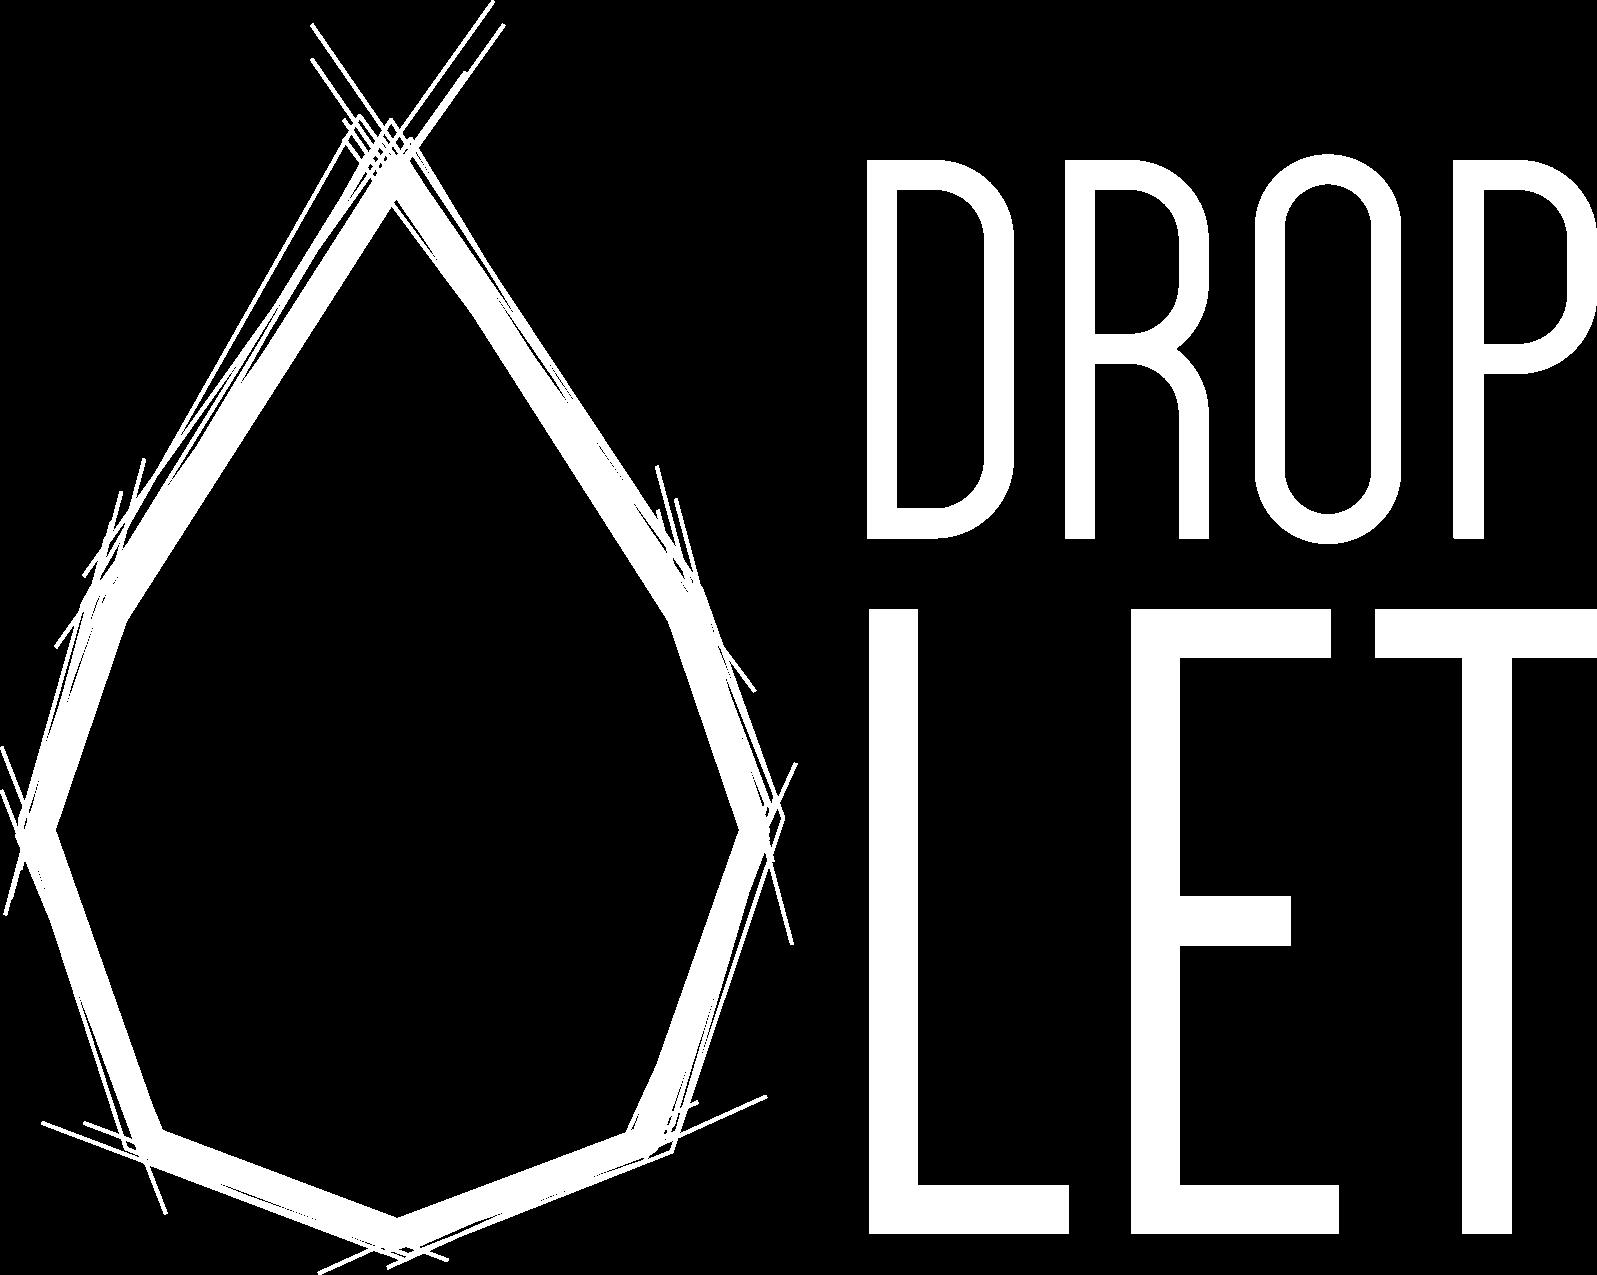 Droplet Trailer